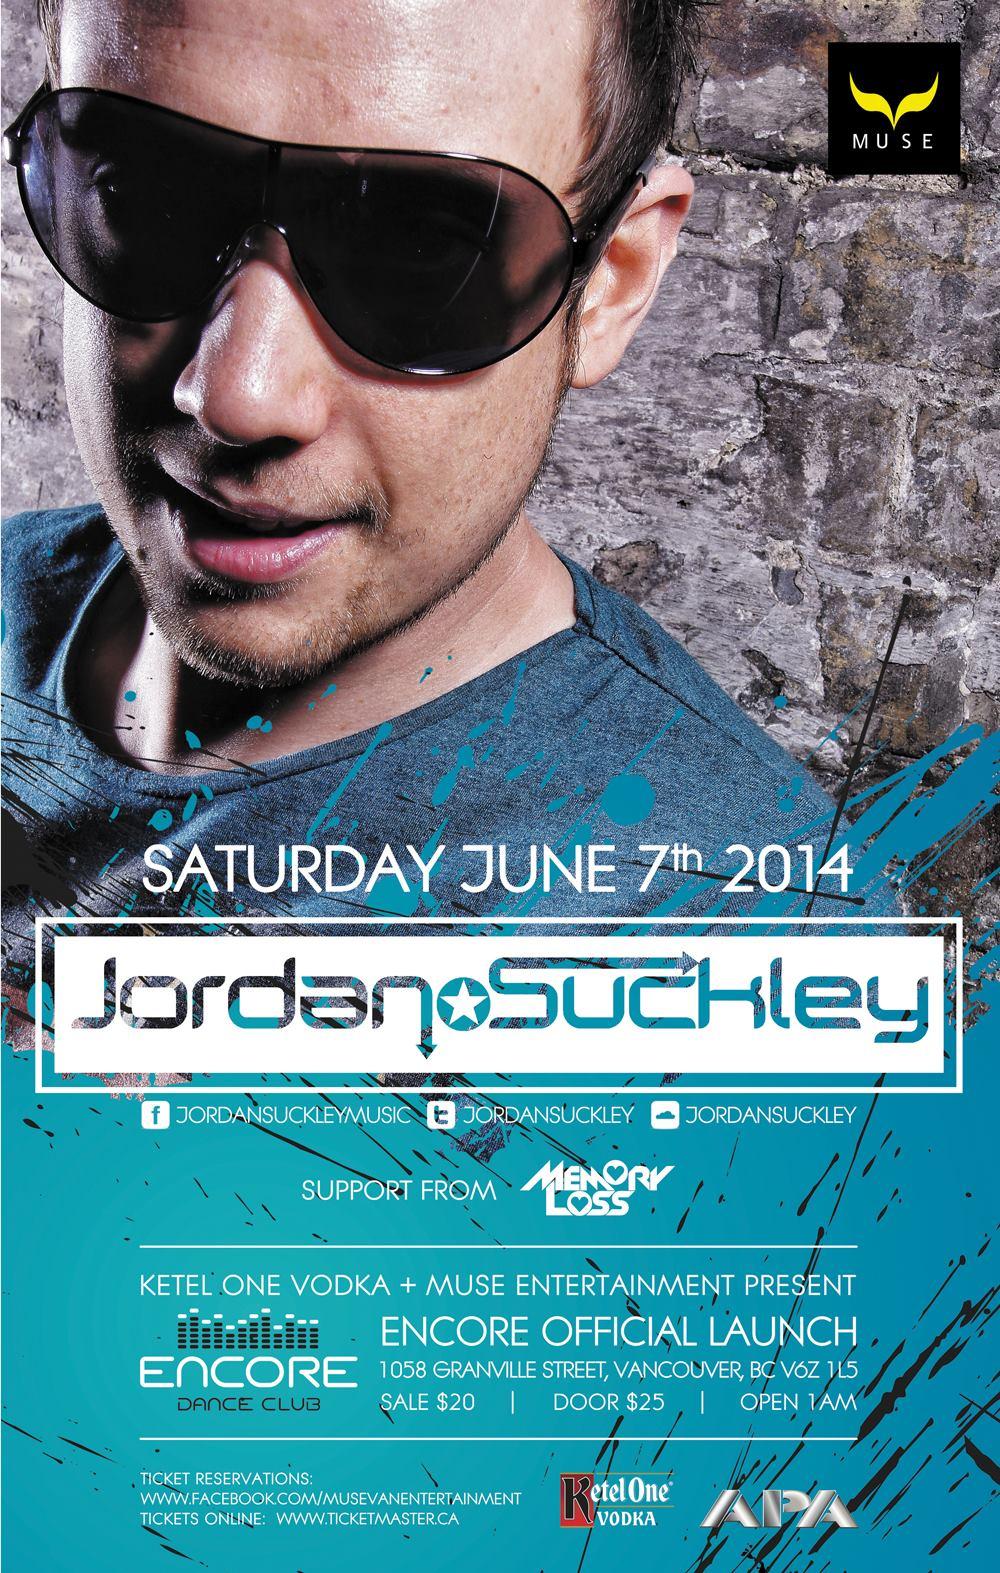 Jordan Suckley - Vancouver